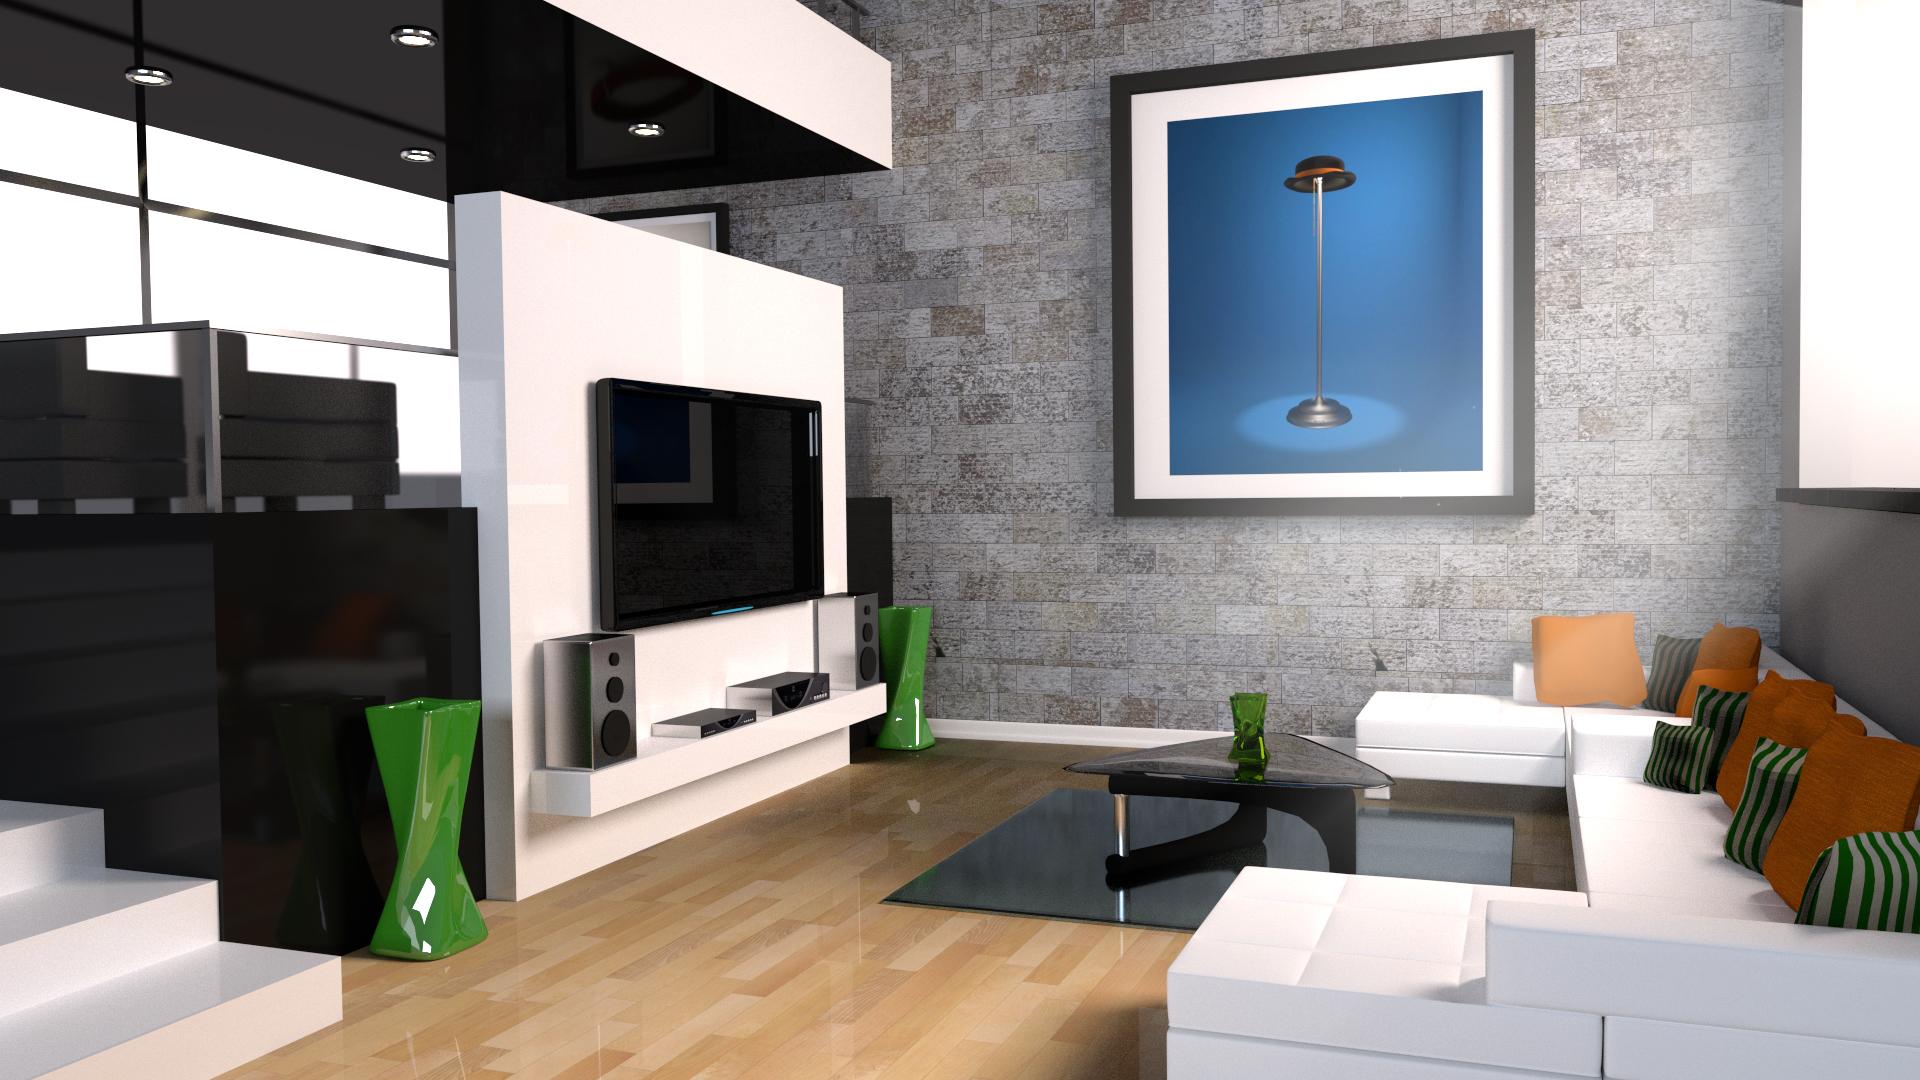 Modern Loft modern loft wallpaper | 1920x1080 | #32851